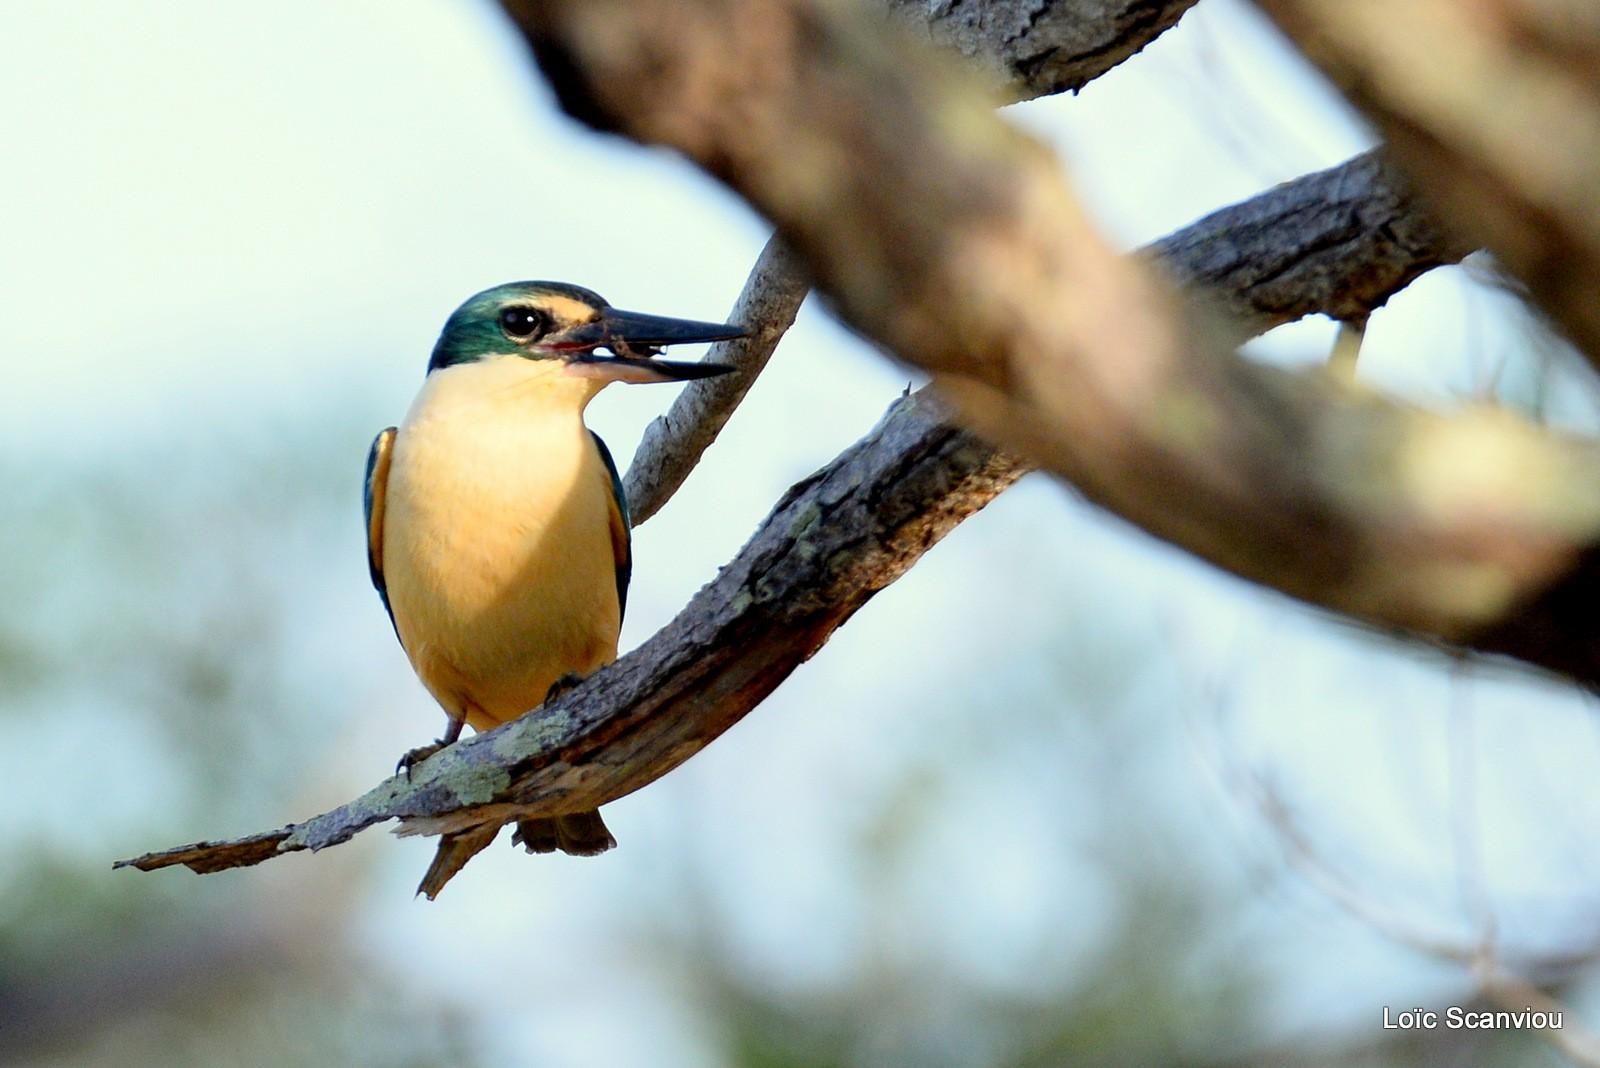 Martin-chasseur sacré/Sacred Kingfisher (9)